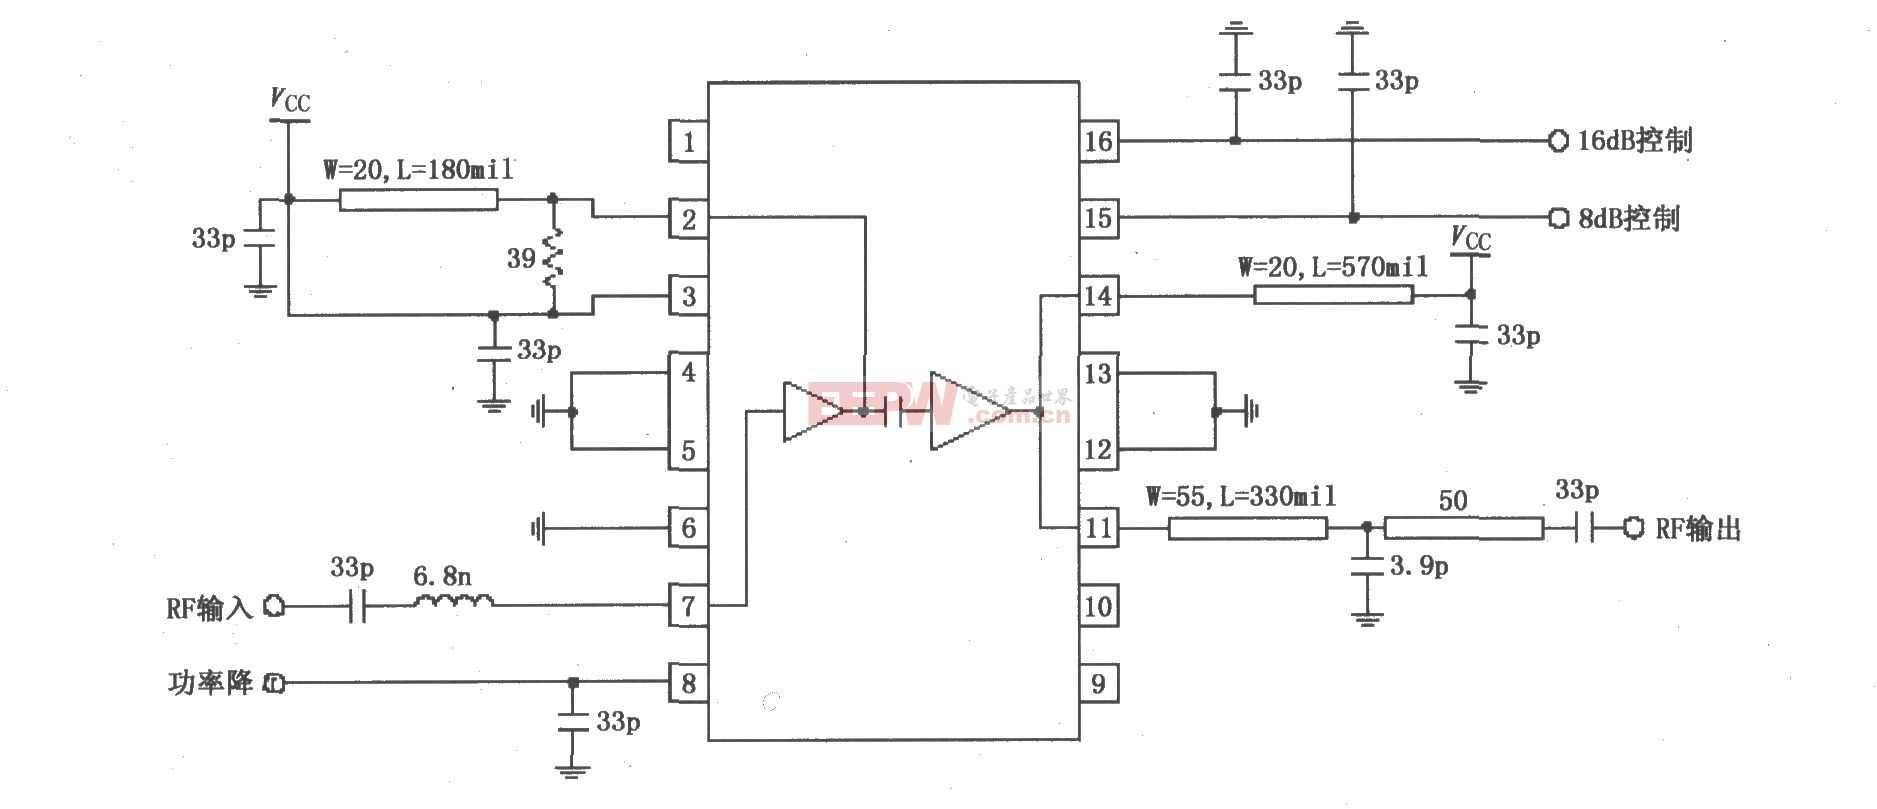 RF2155构成的915MHz功率放大器应用电路图